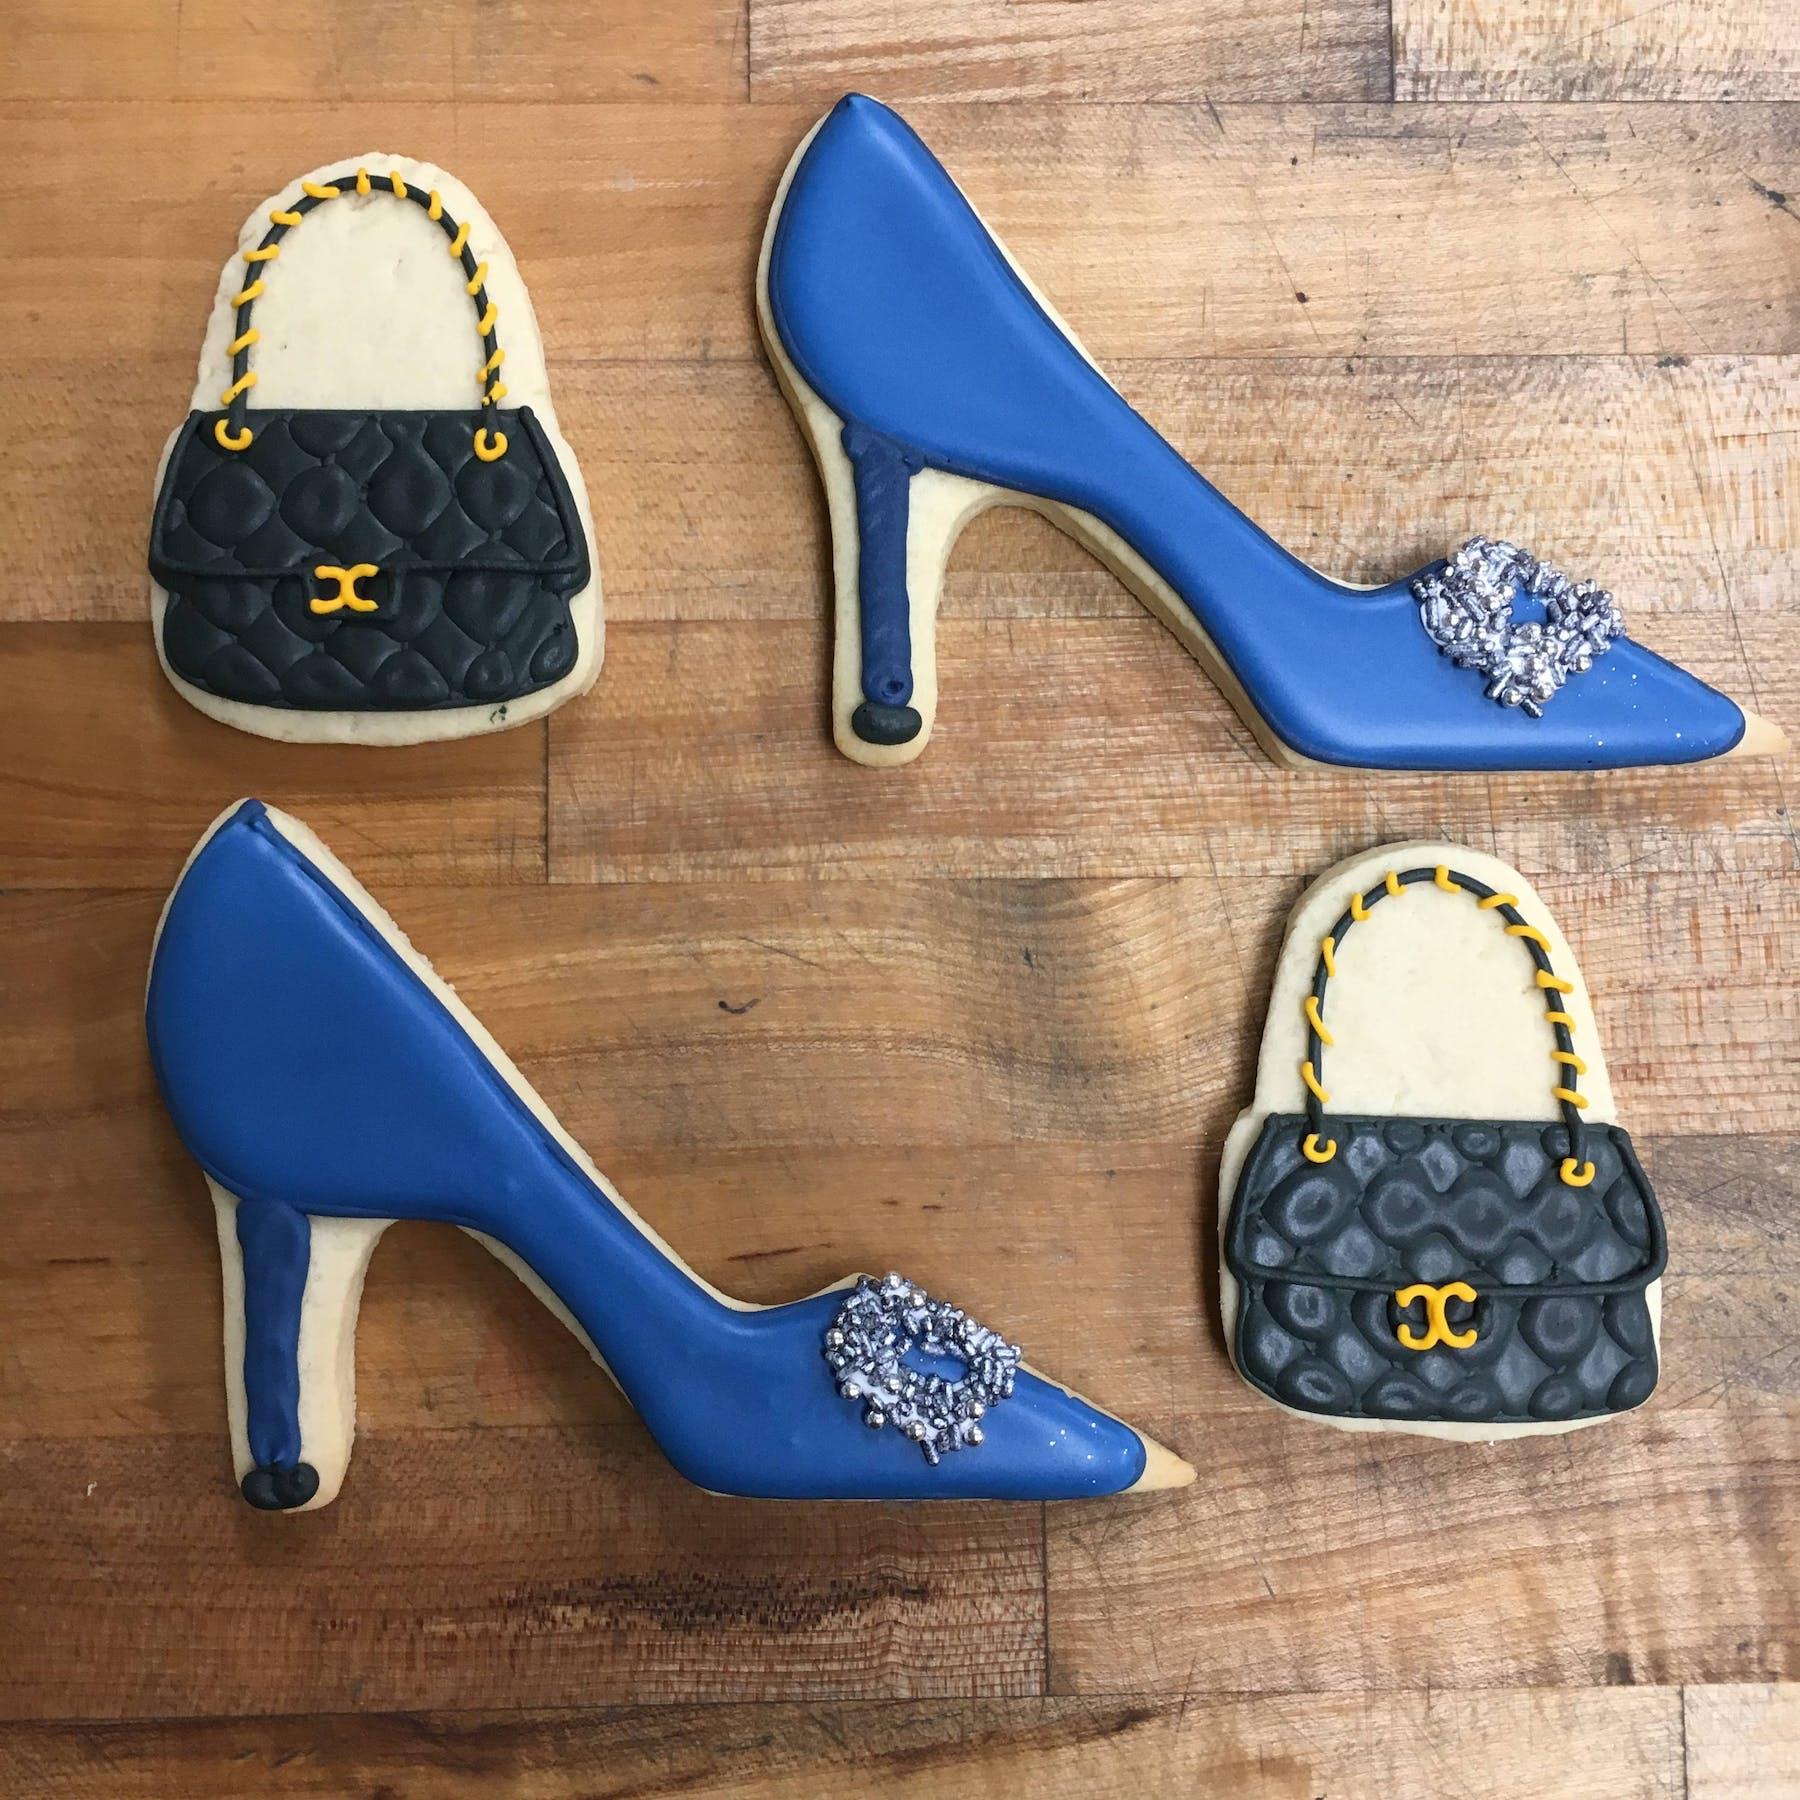 high heels shaped cookies